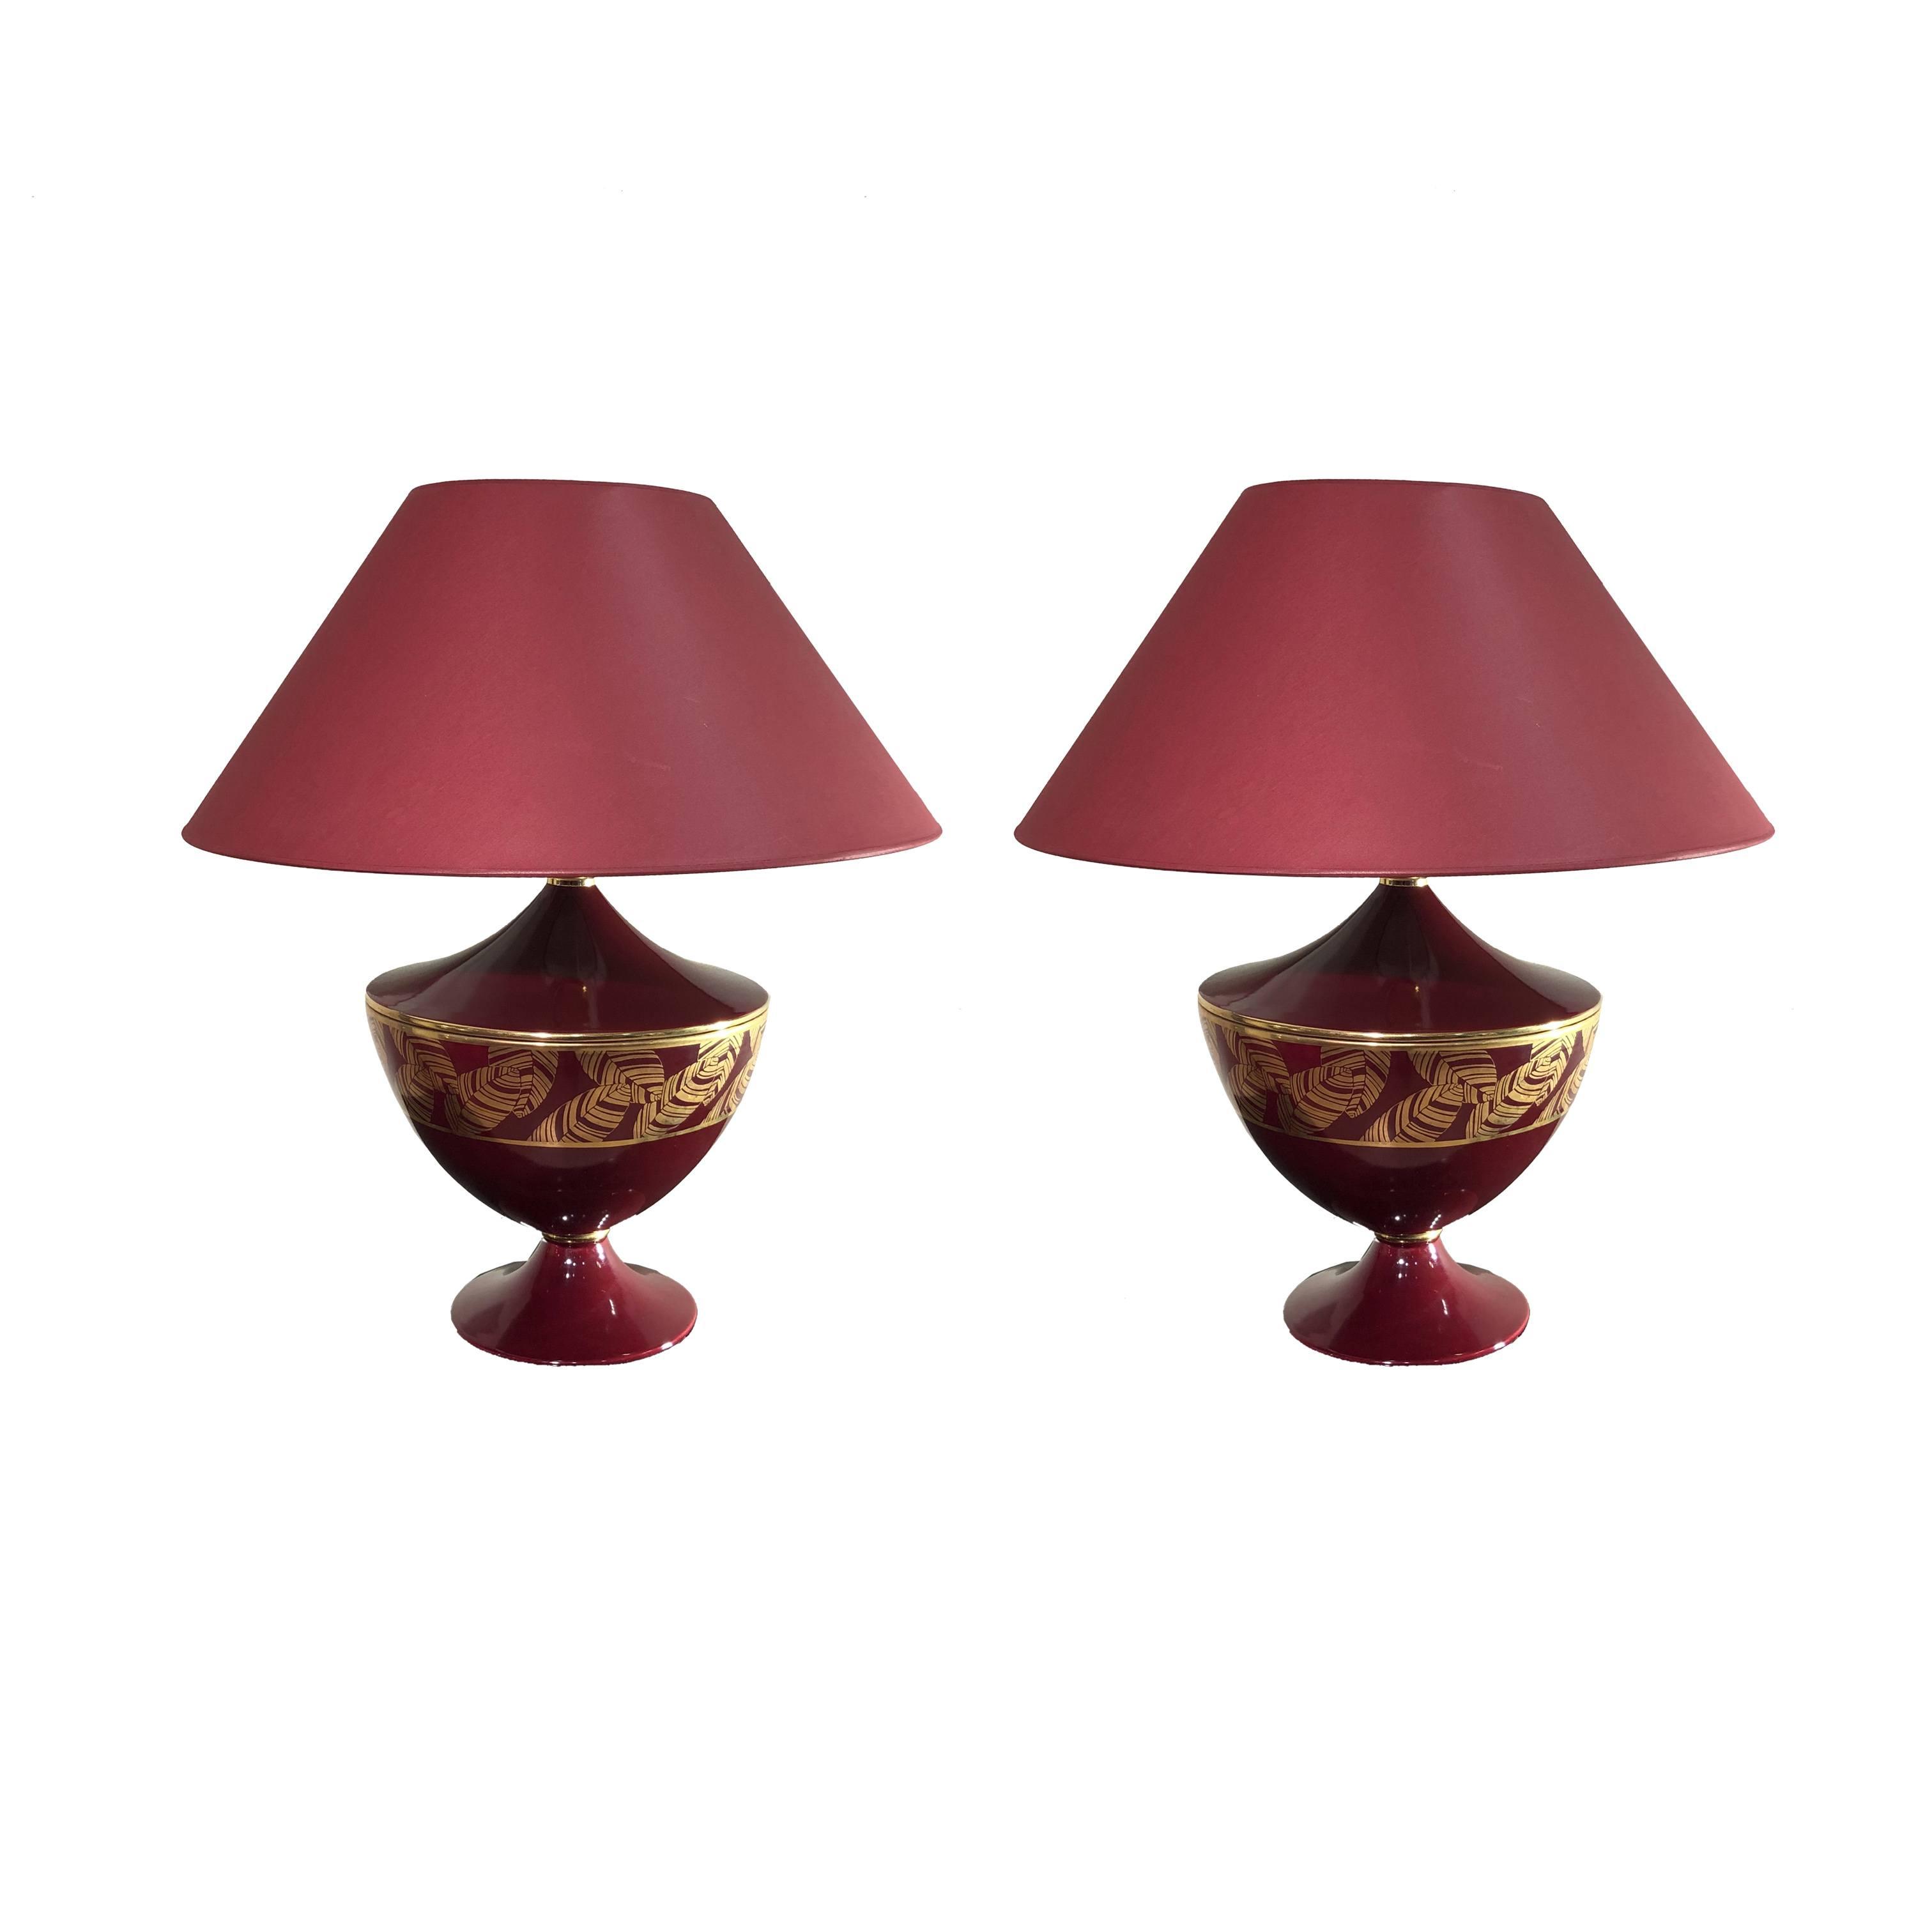 Lampade Da Tavolo In Ceramica Rosso Vermiglio E Decorazioni Oro Anni 80 Pescetta